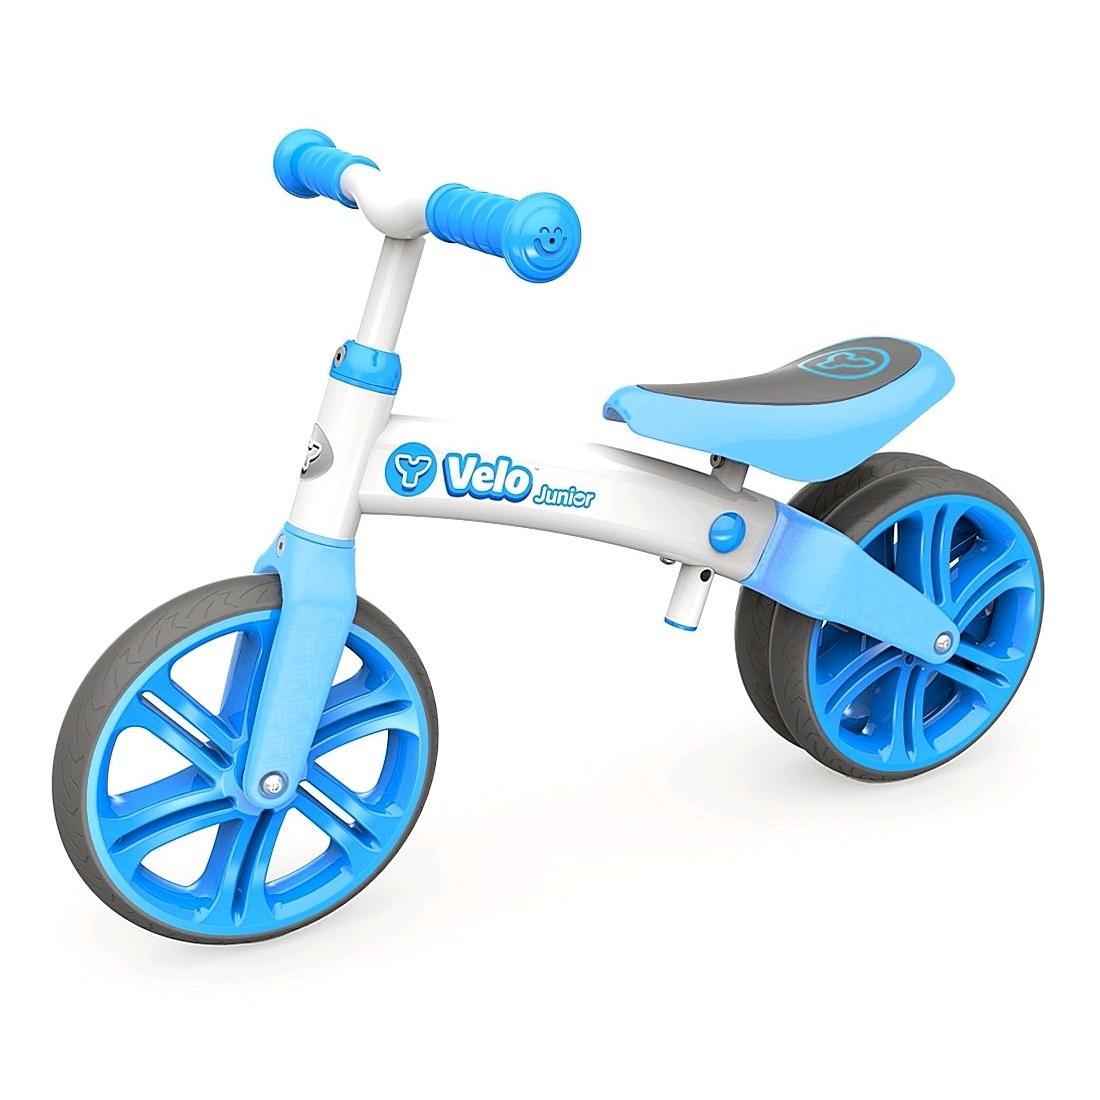 Беговел Velo Junior, цвет – голубой, YVolution  - купить со скидкой